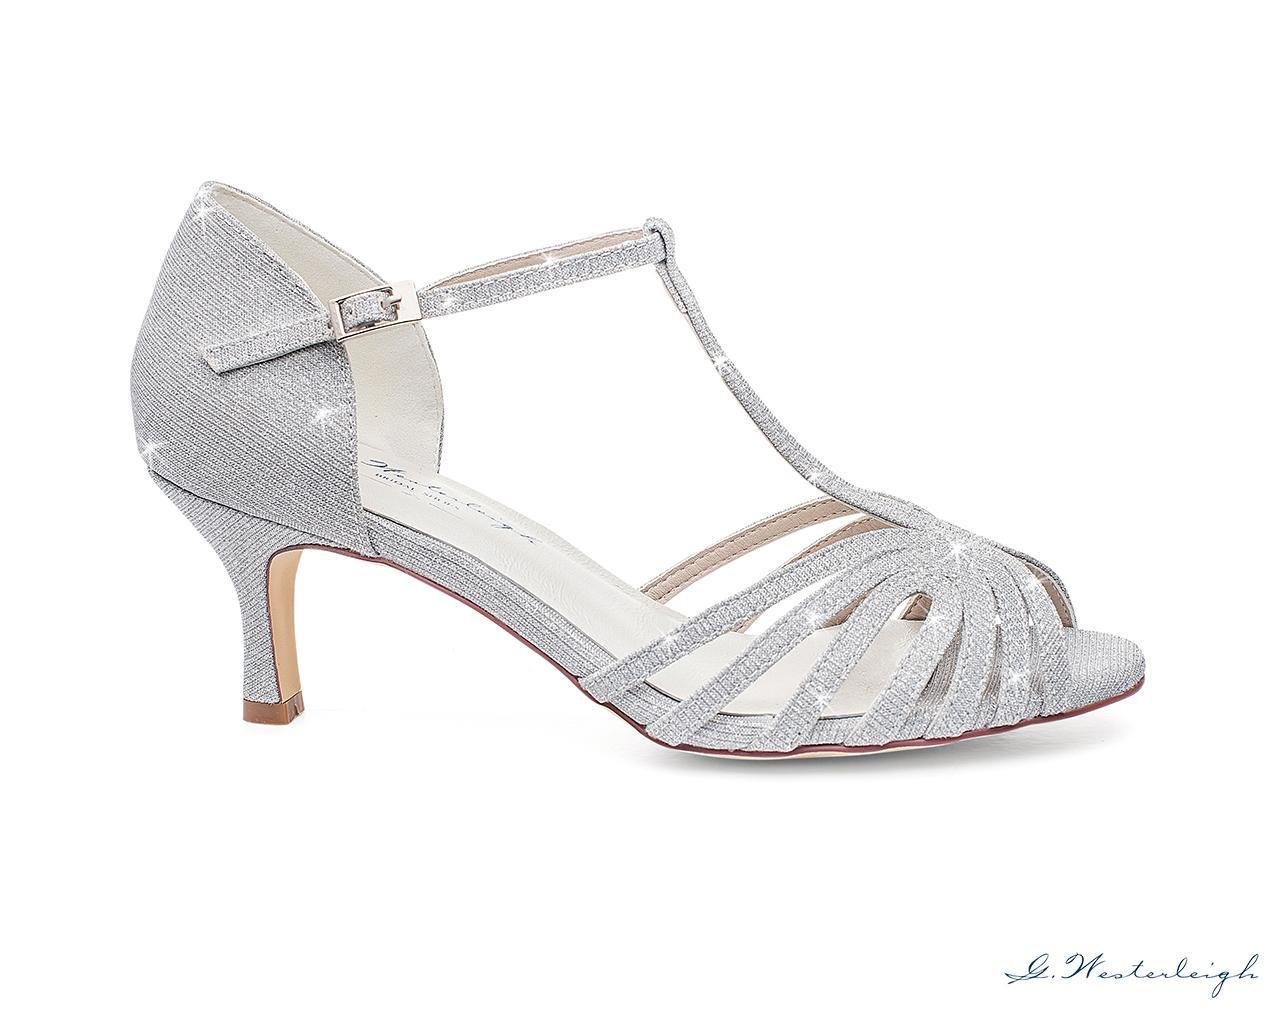 Spoločenské topánky Isabelle - Obrázok č. 3